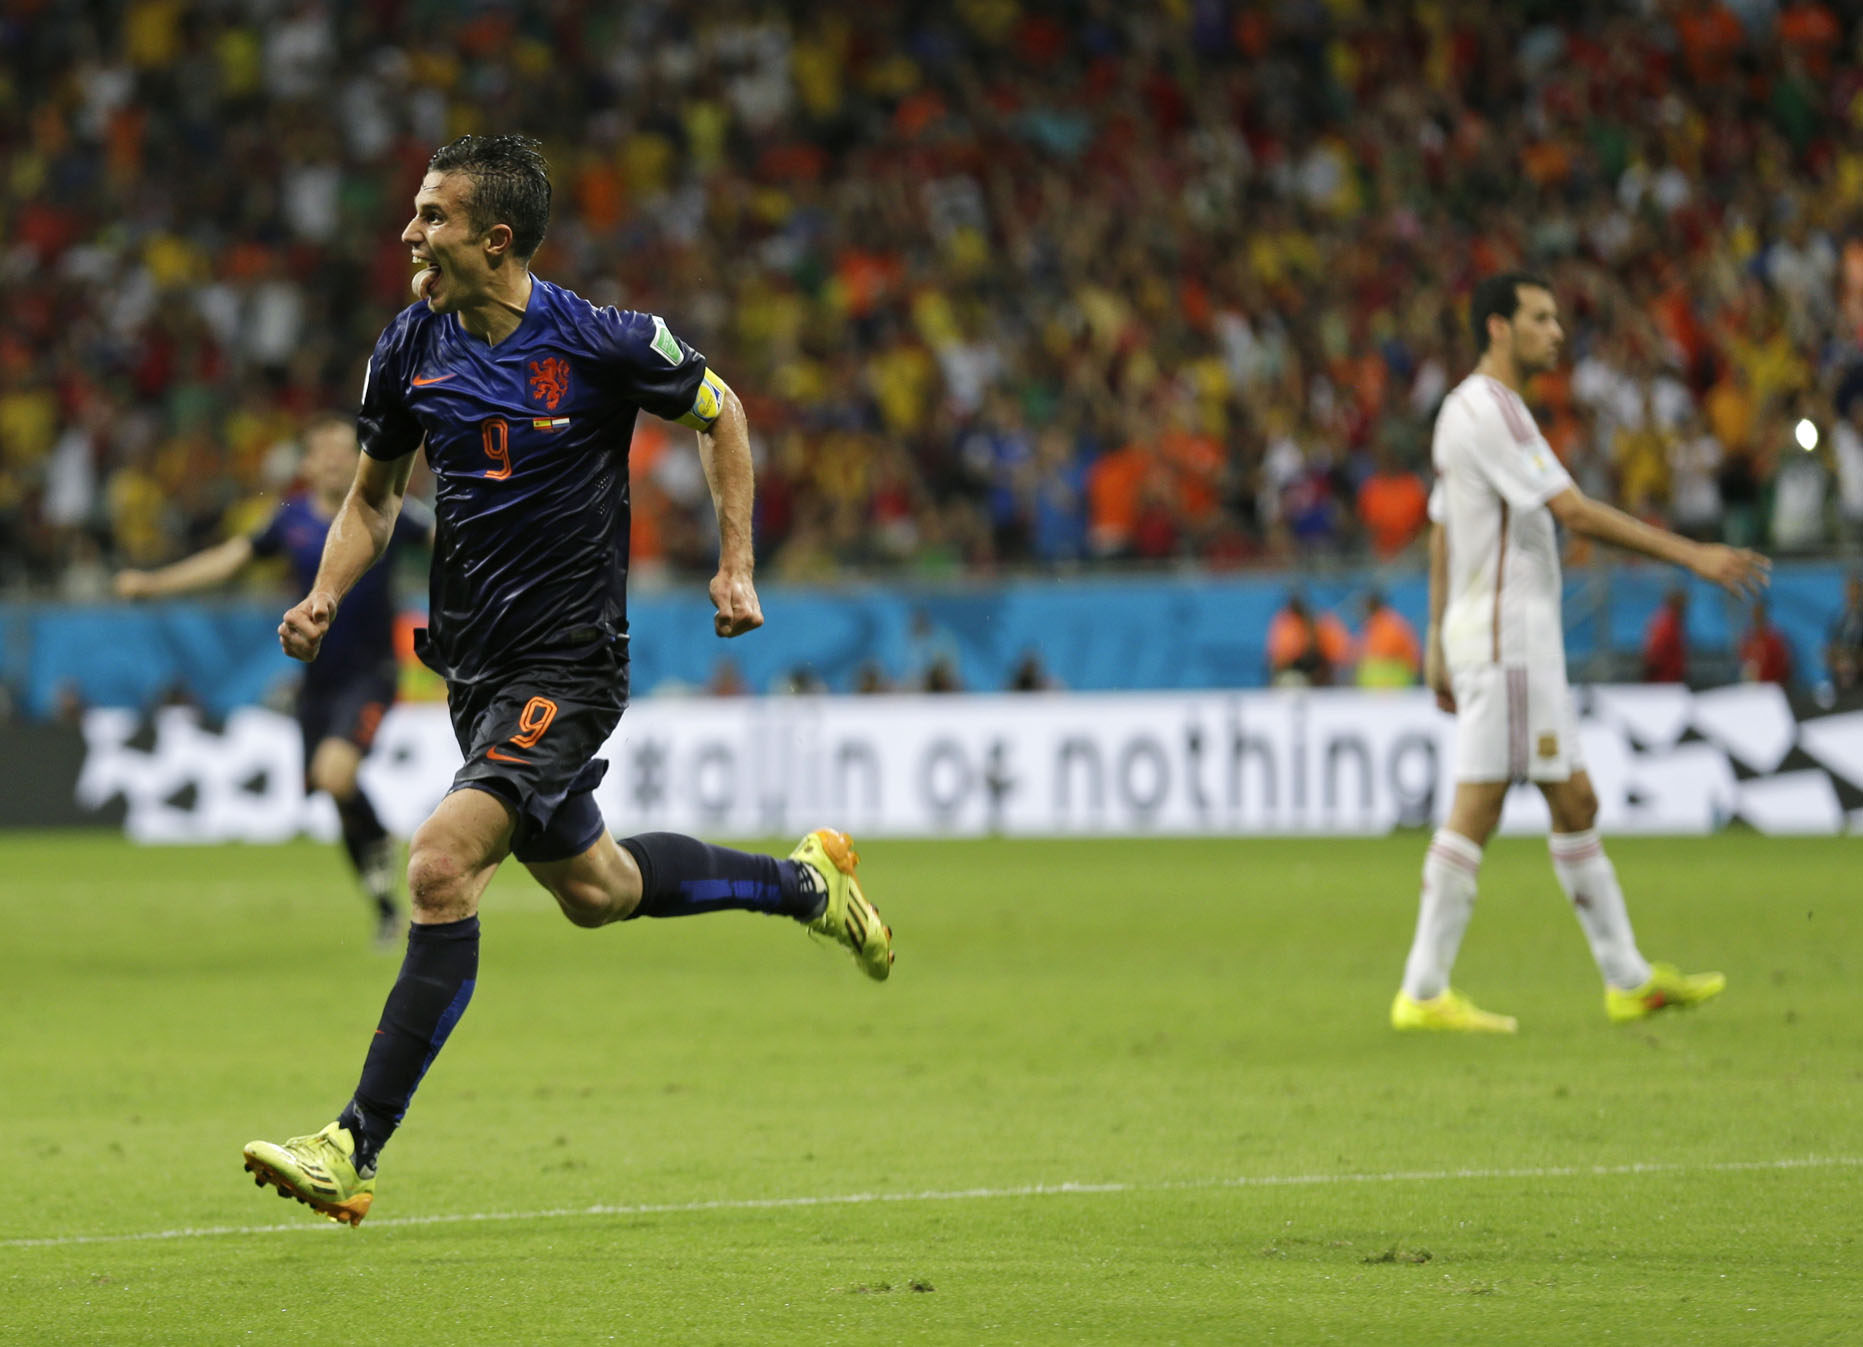 Spagna vs. Olanda - Mondiali di Calcio Brasile 2014